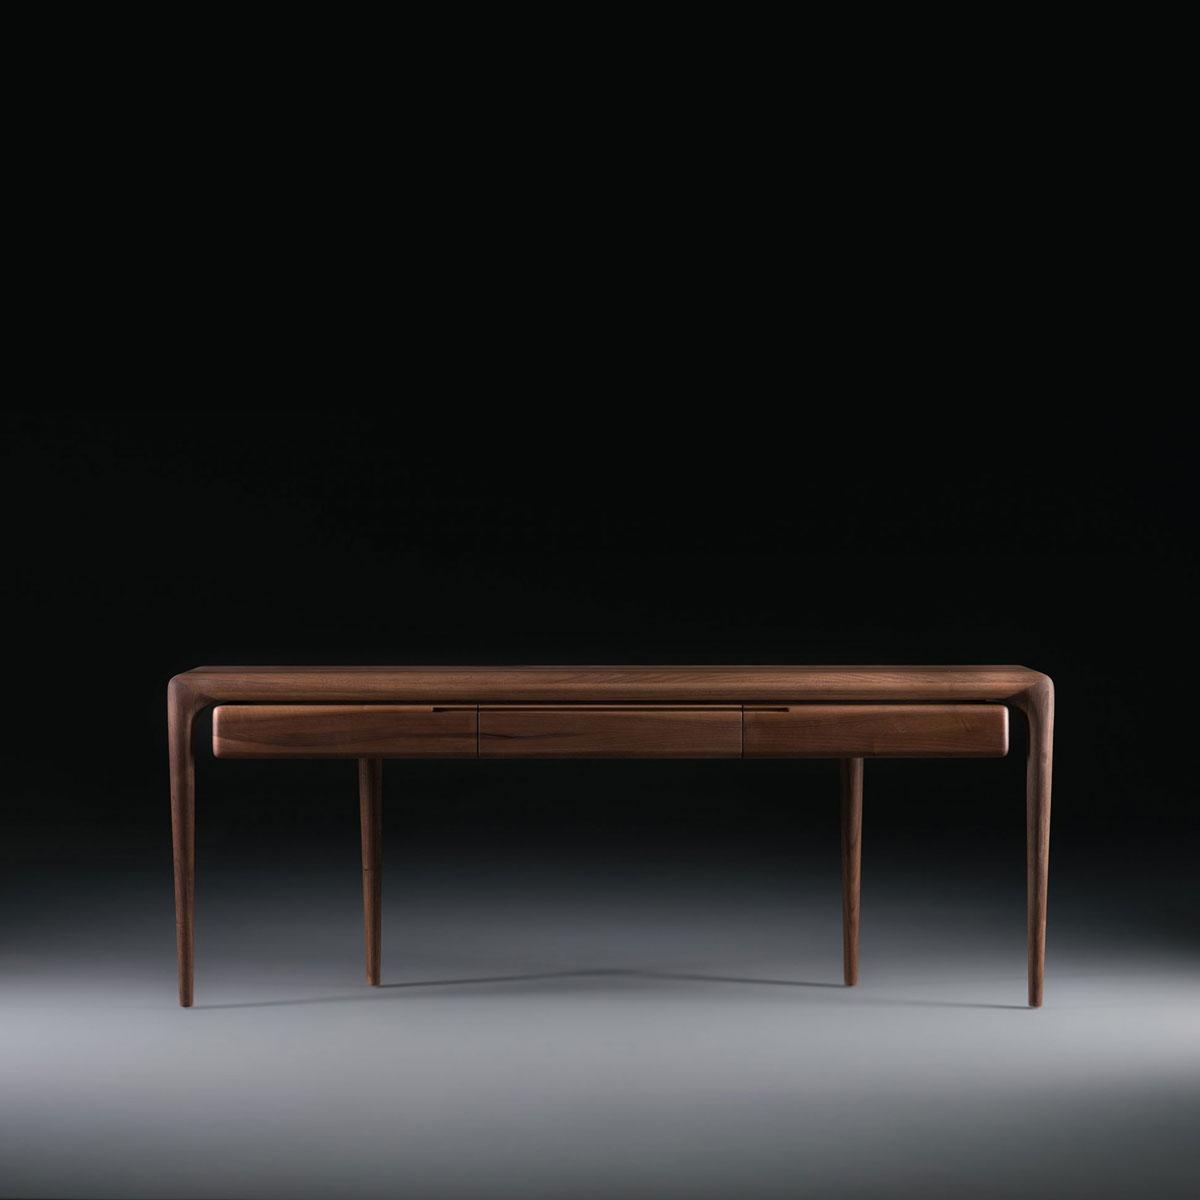 Mesa Consola Latus en madera, de diseño moderno y suaves acabados, con producción artesanal en Europa